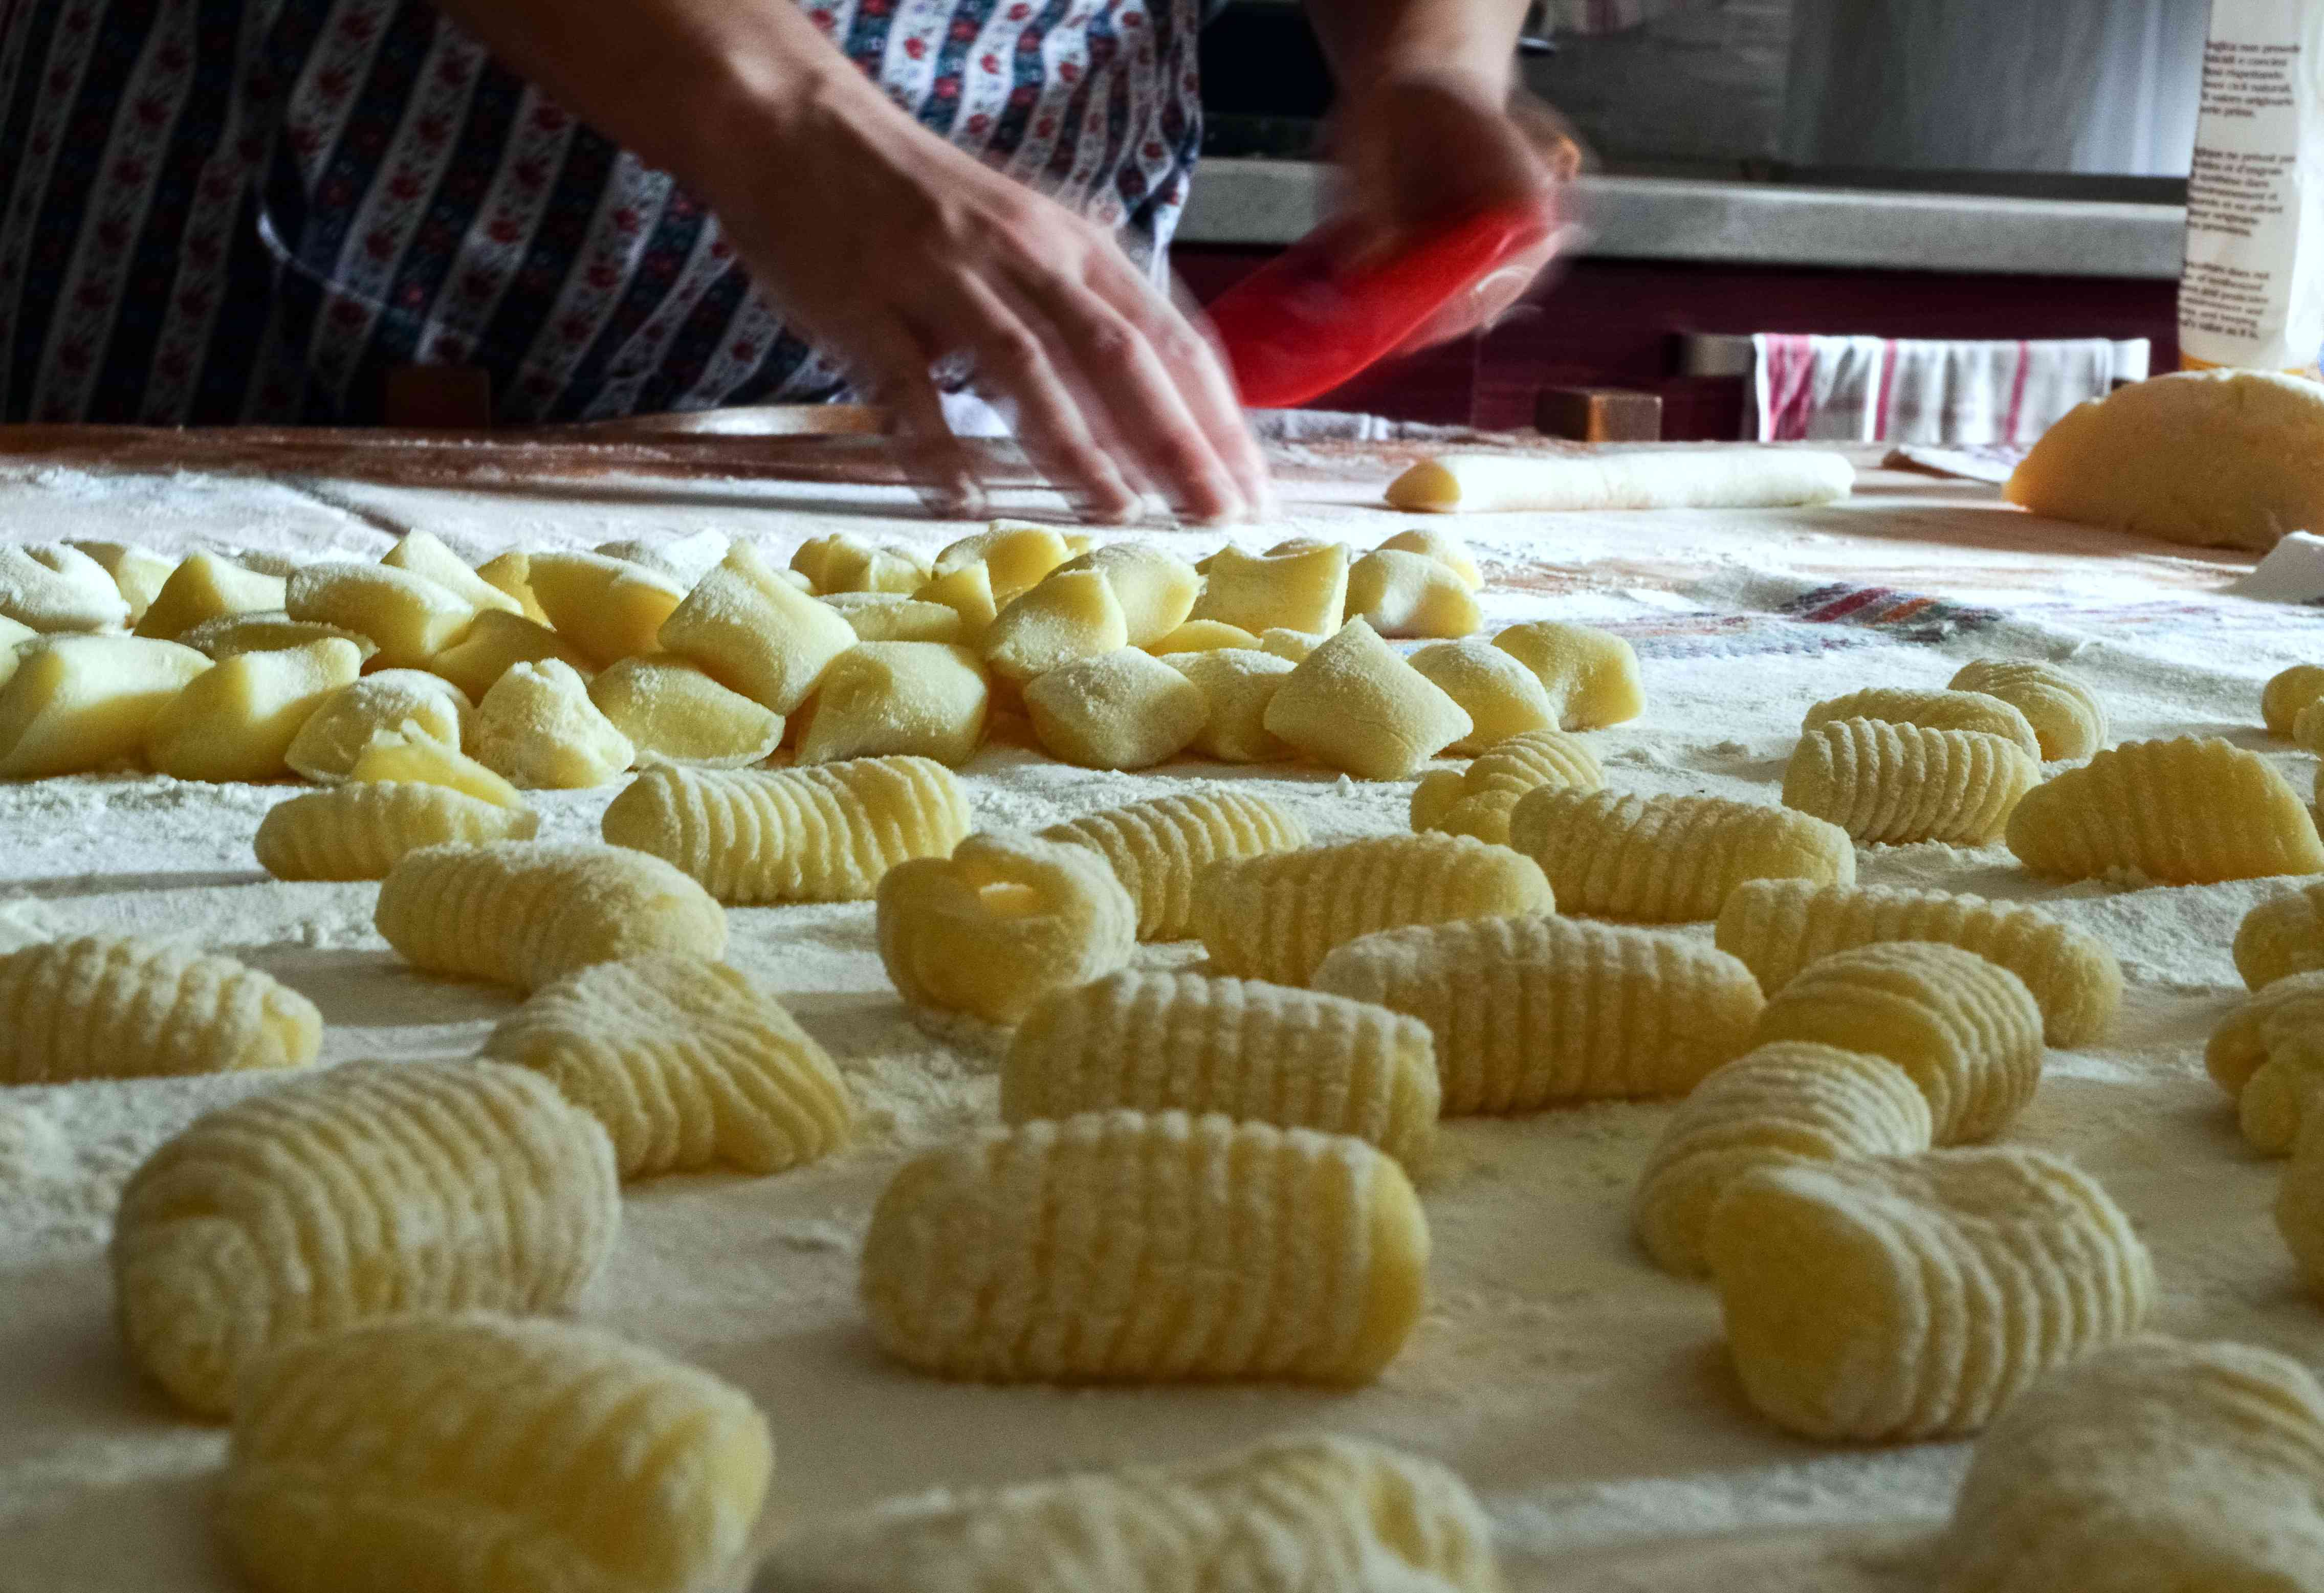 Traditional homemade preparation of fresh, handmade potato gnocchi pasta